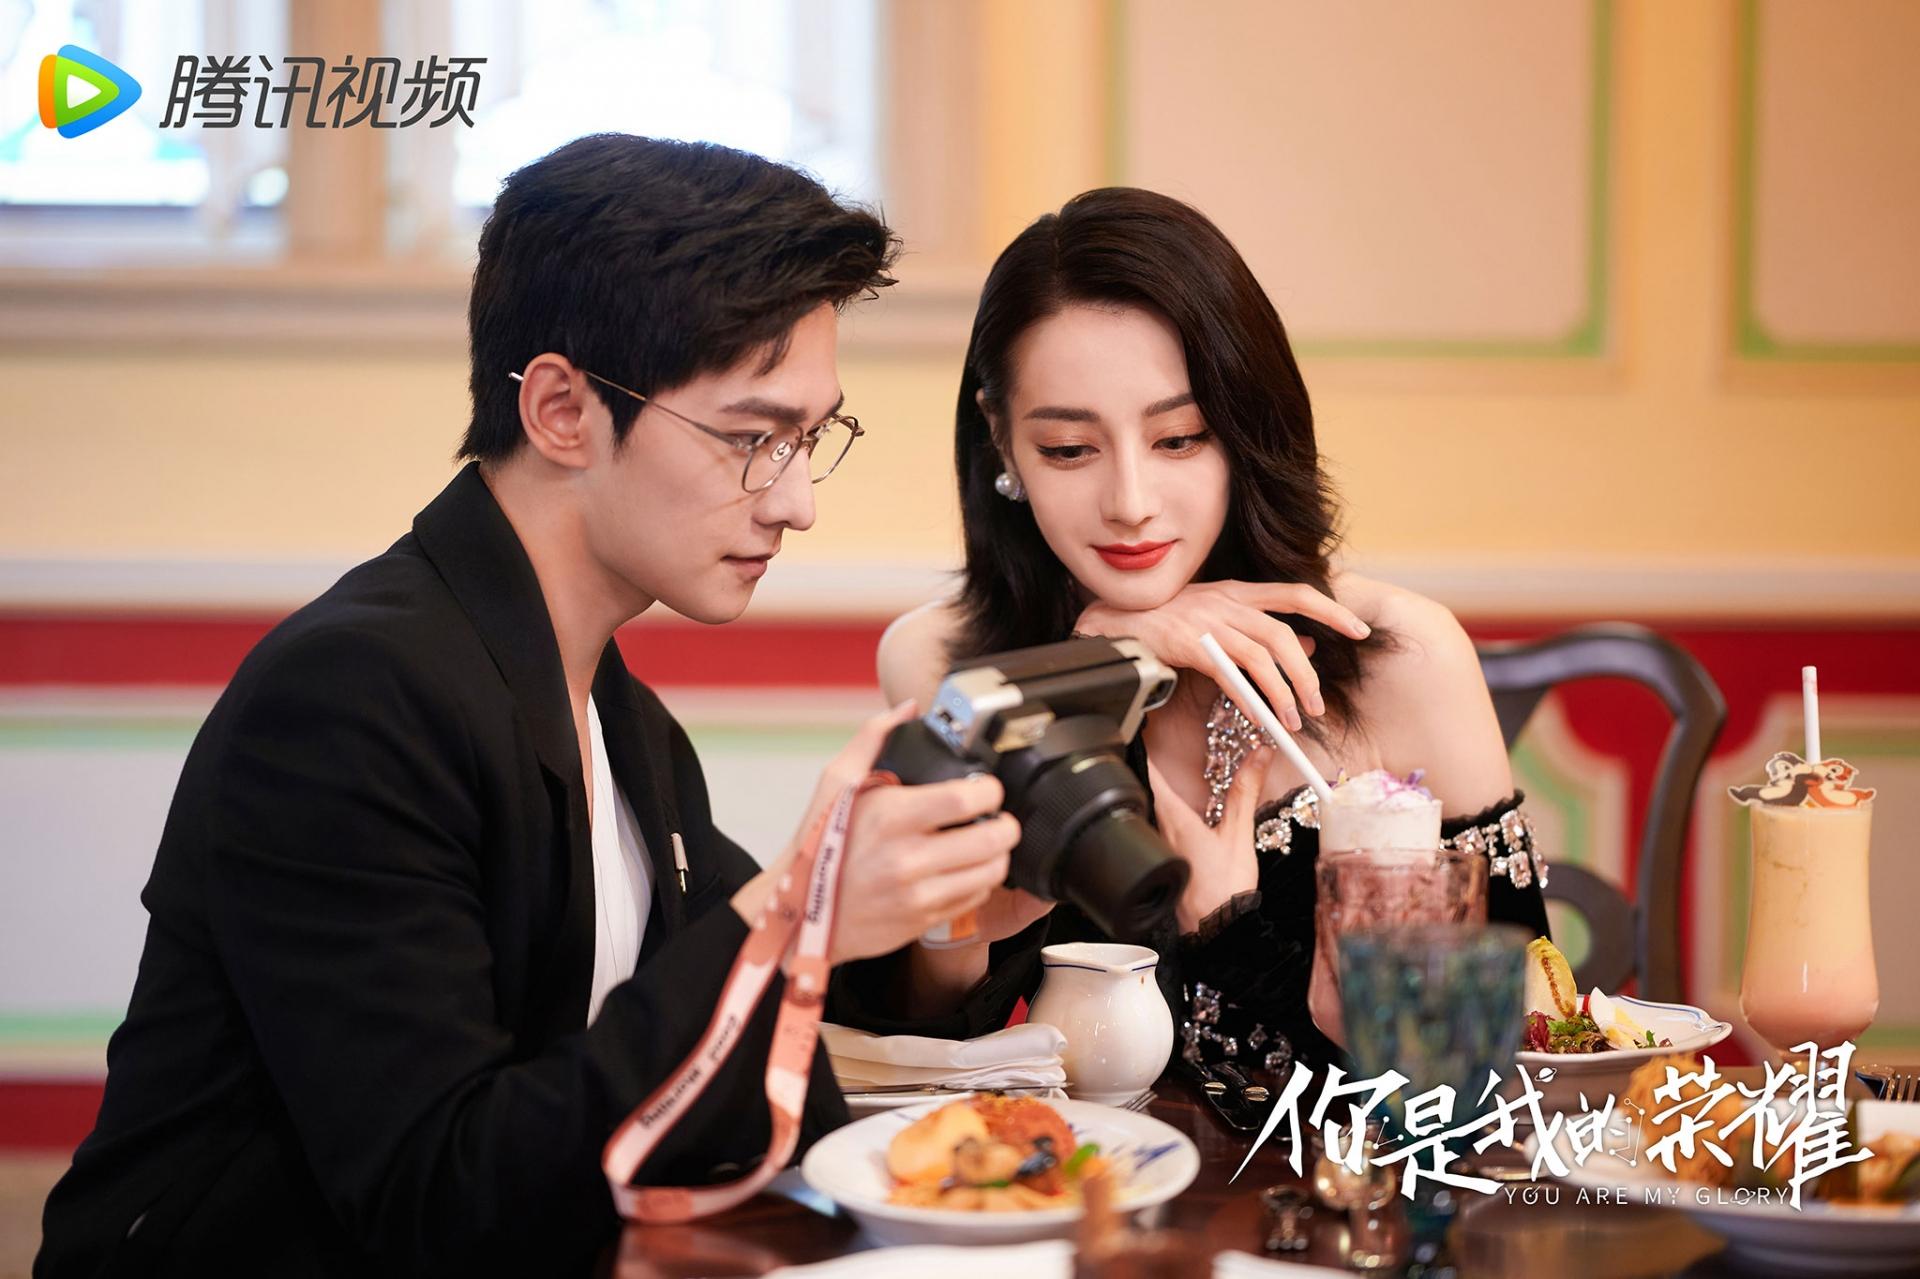 Địch Lệ Nhiệt Ba tái hợp Dương Dương trong phim mới, duyên màn ảnh 'không muốn' cũng khó dứt 5